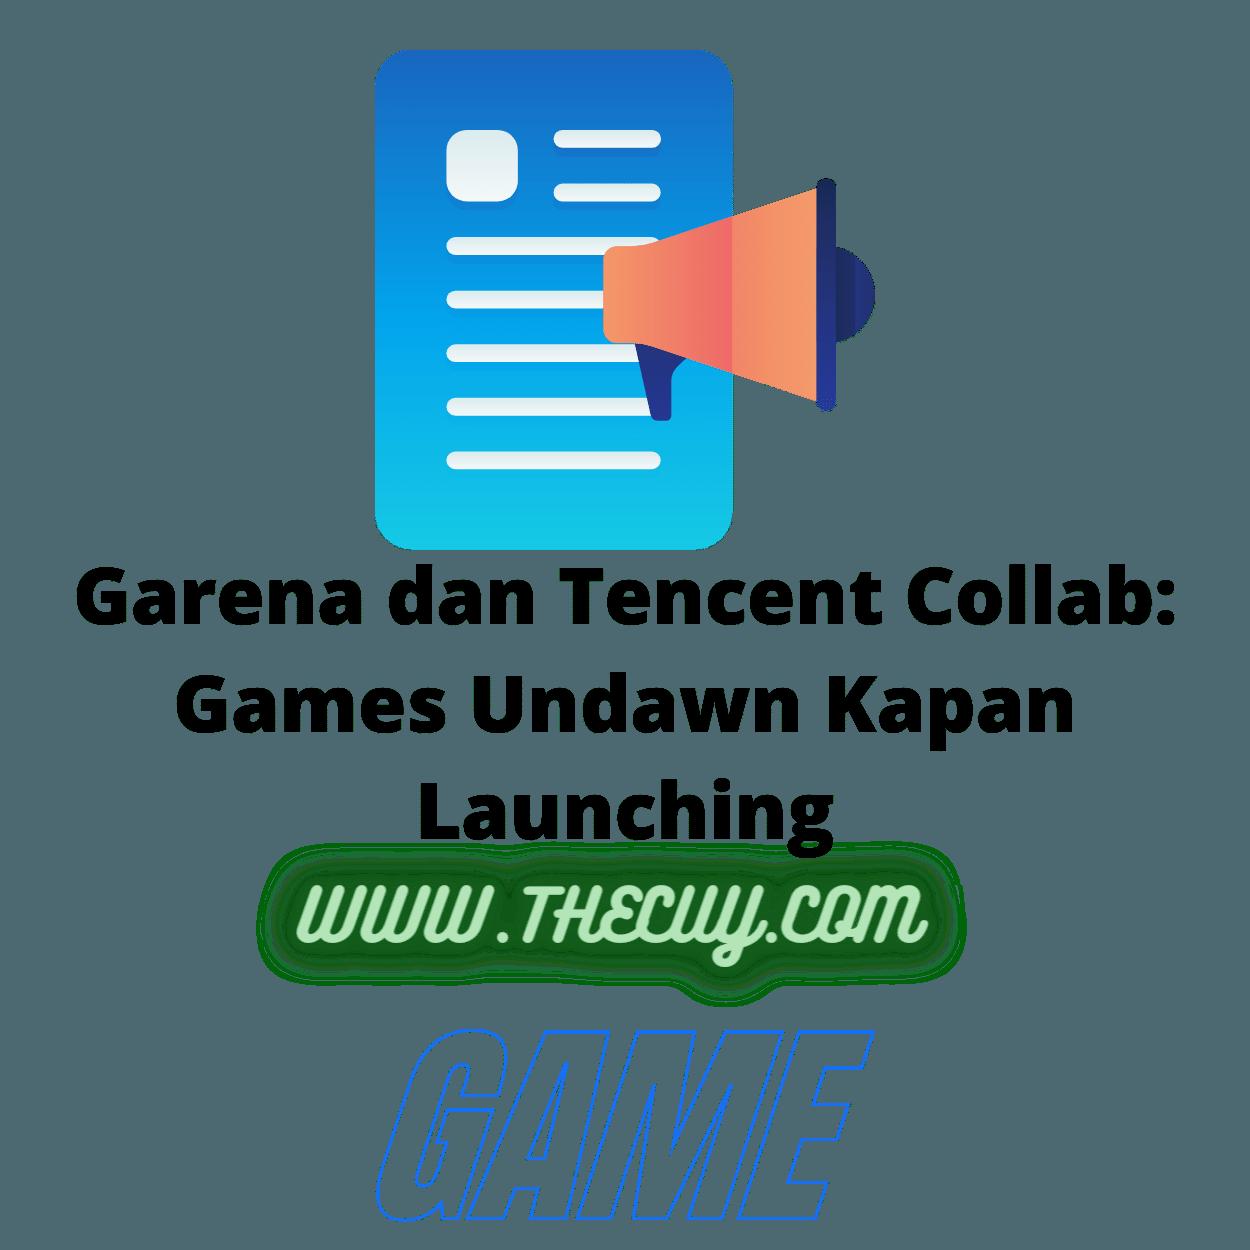 Garena dan Tencent Collab: Games Undawn Kapan Launching